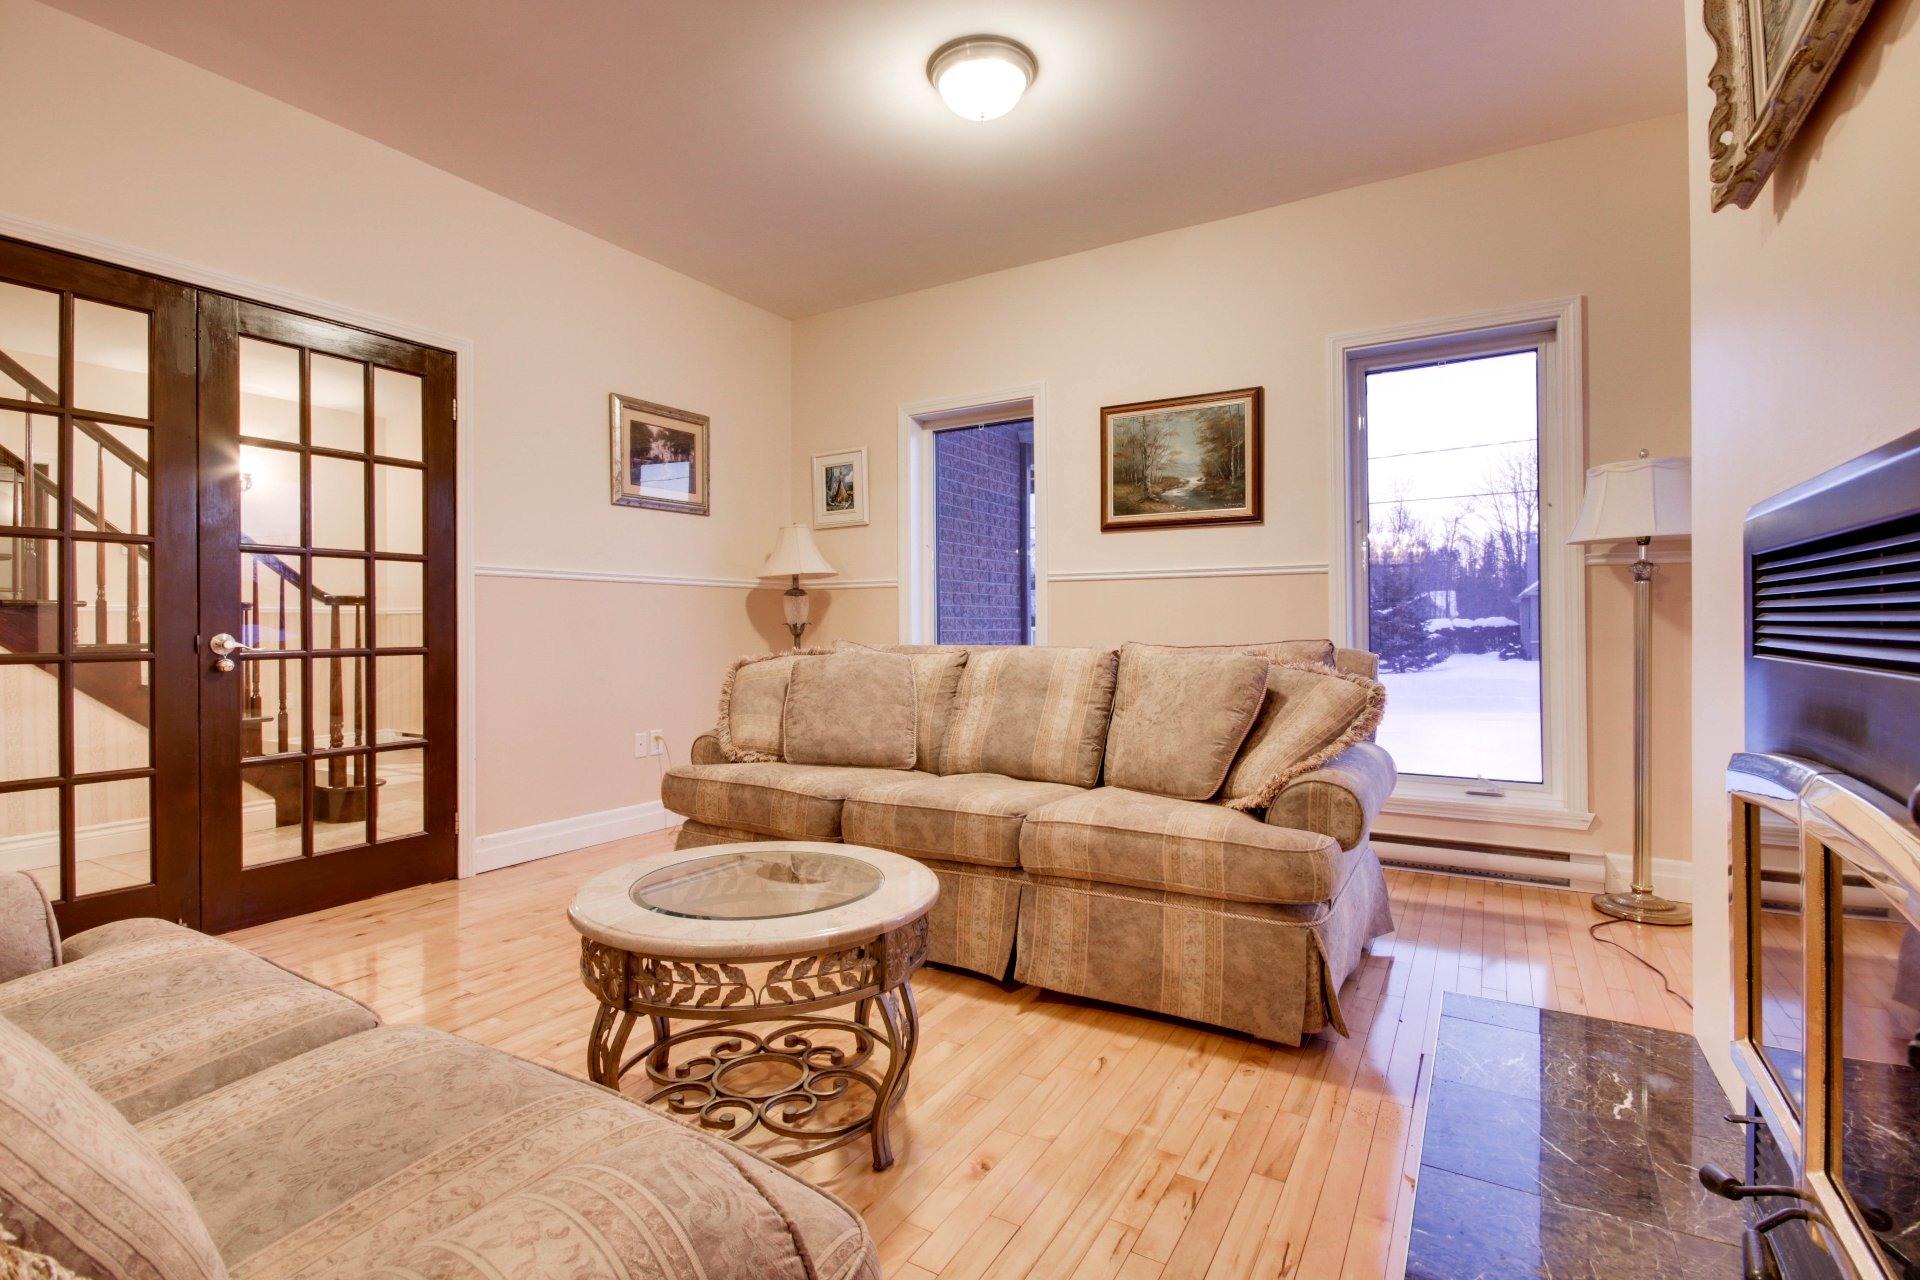 image 5 - House For sale Trois-Rivières